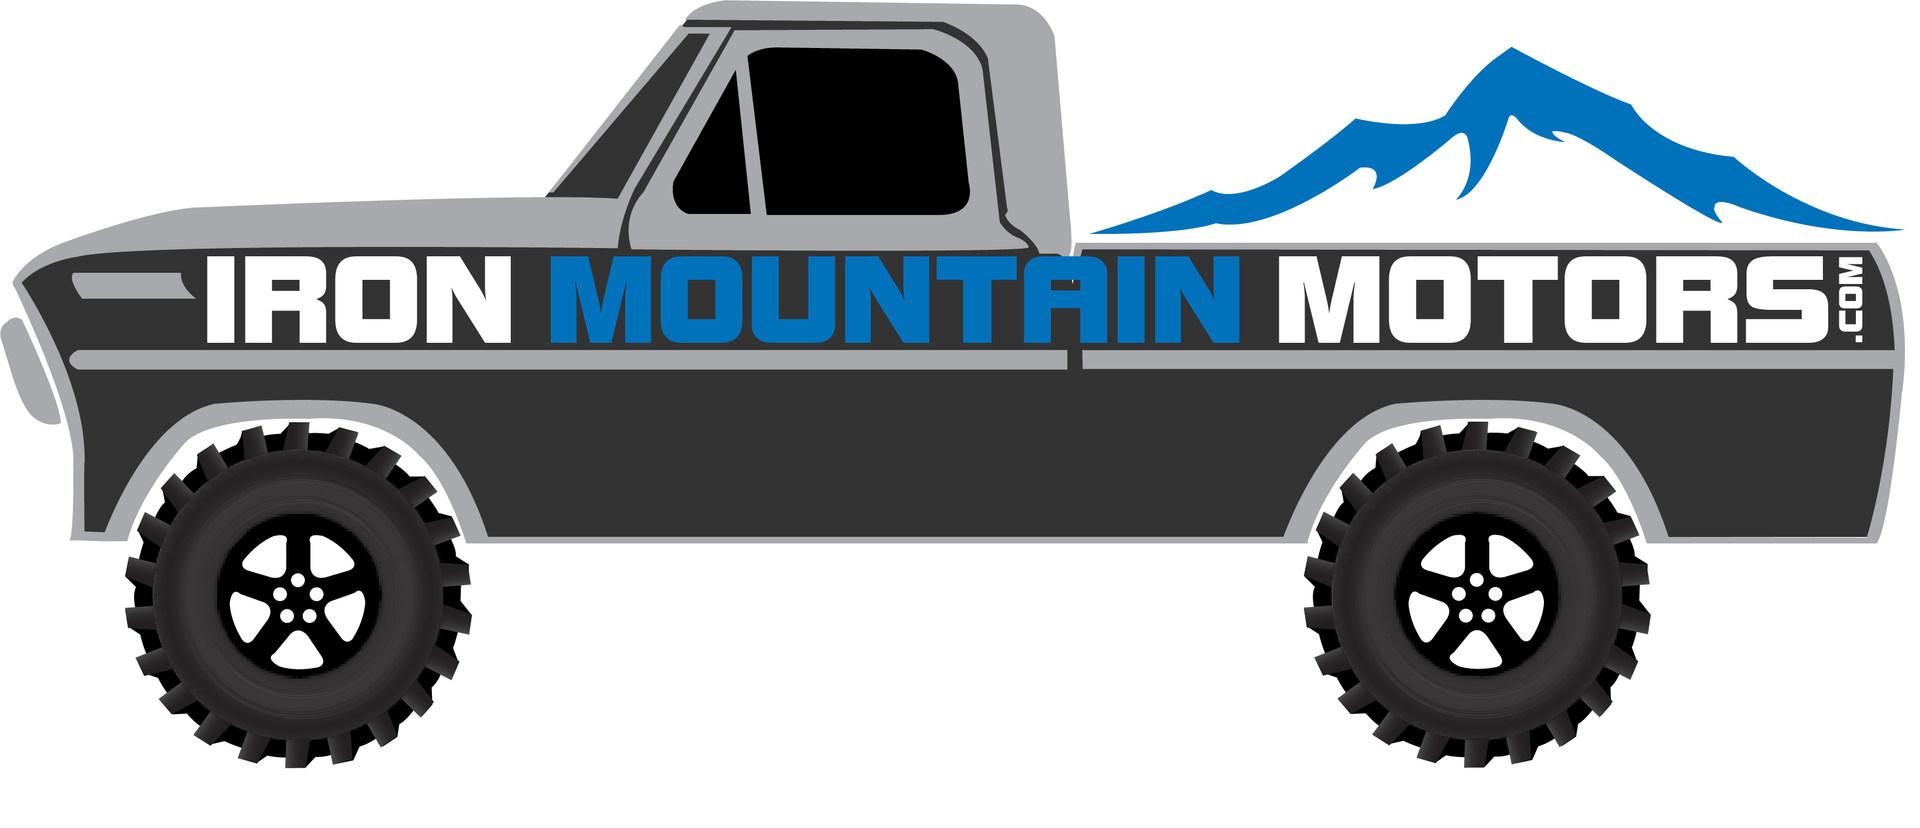 Iron Mountain Motors